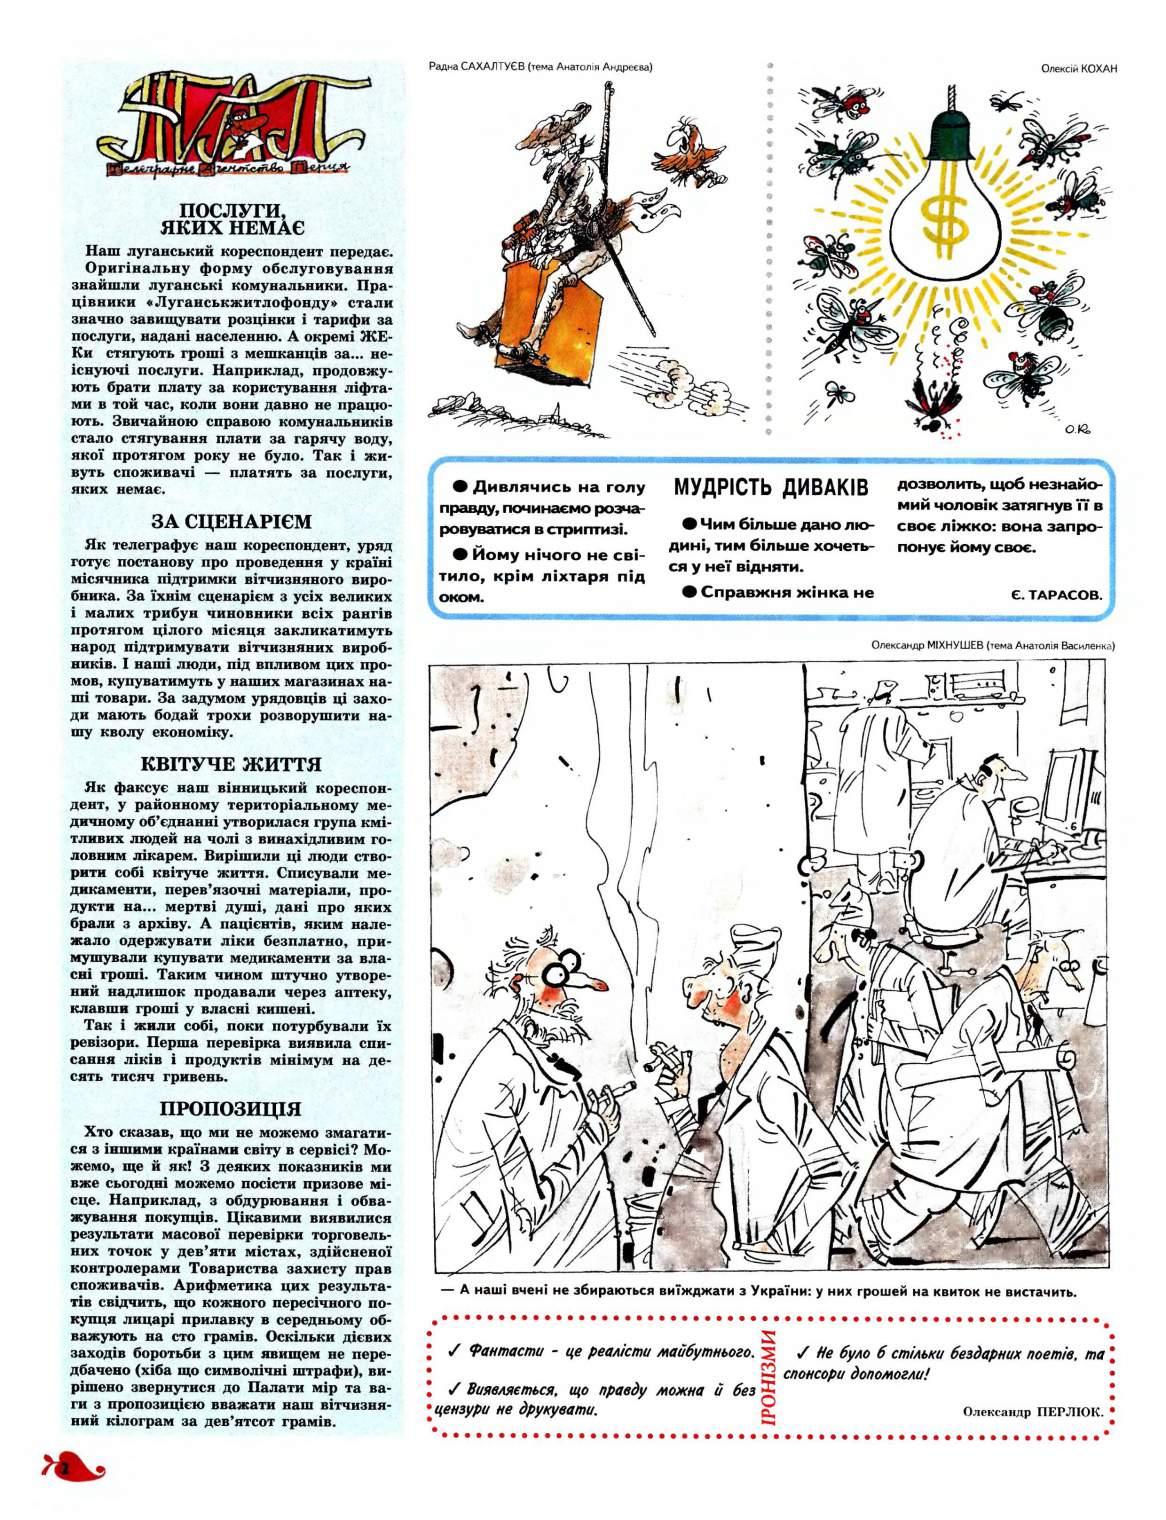 Журнал перець 2002 №02